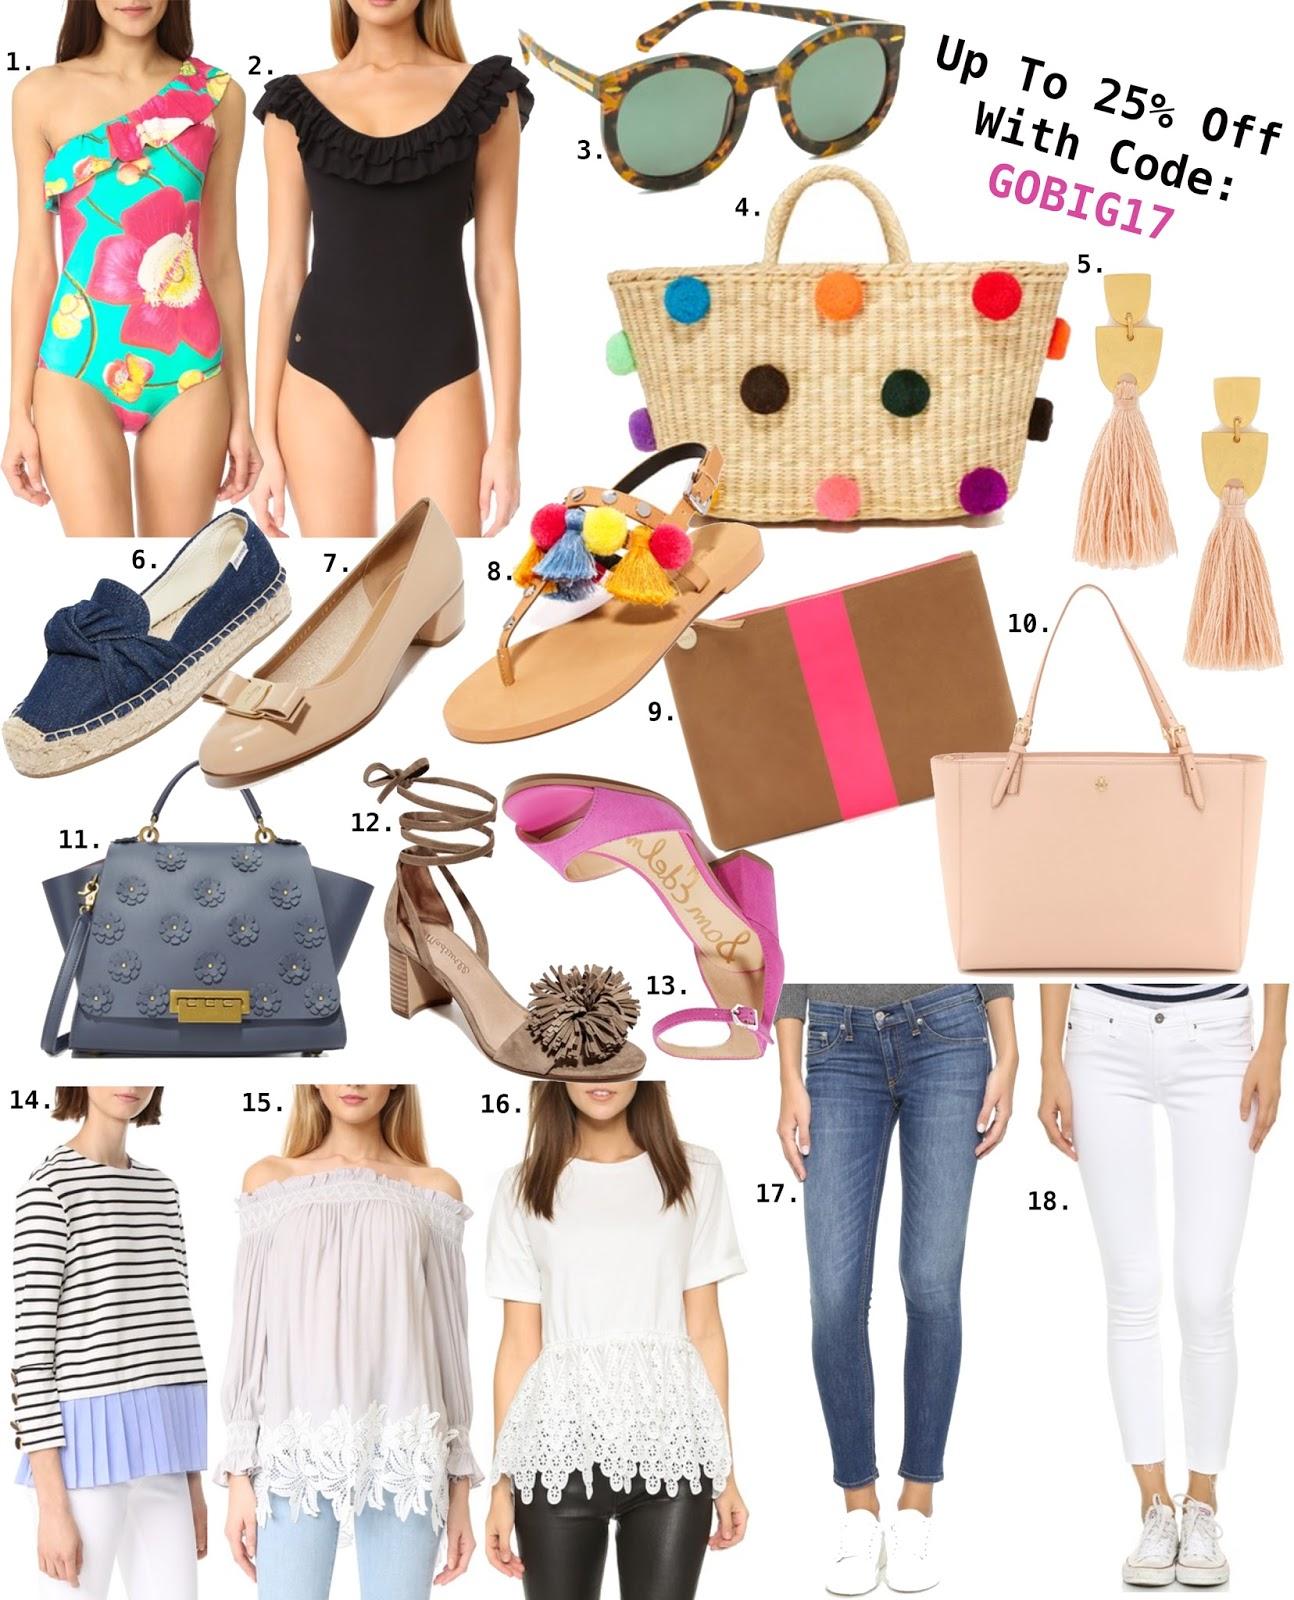 0c7d58596b33 HUGE Designer Spring Sale - Up To 25% Off! Spring Favorites - Something  Delightful Blog